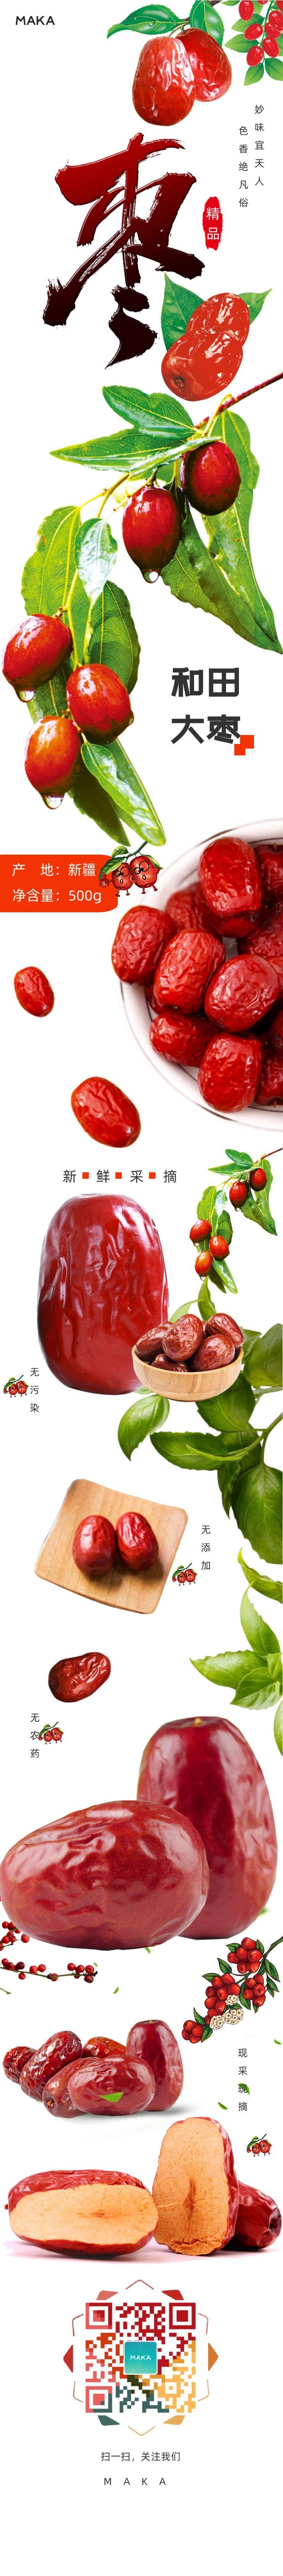 水果红枣扁平简约电商产品详情页宣传海报